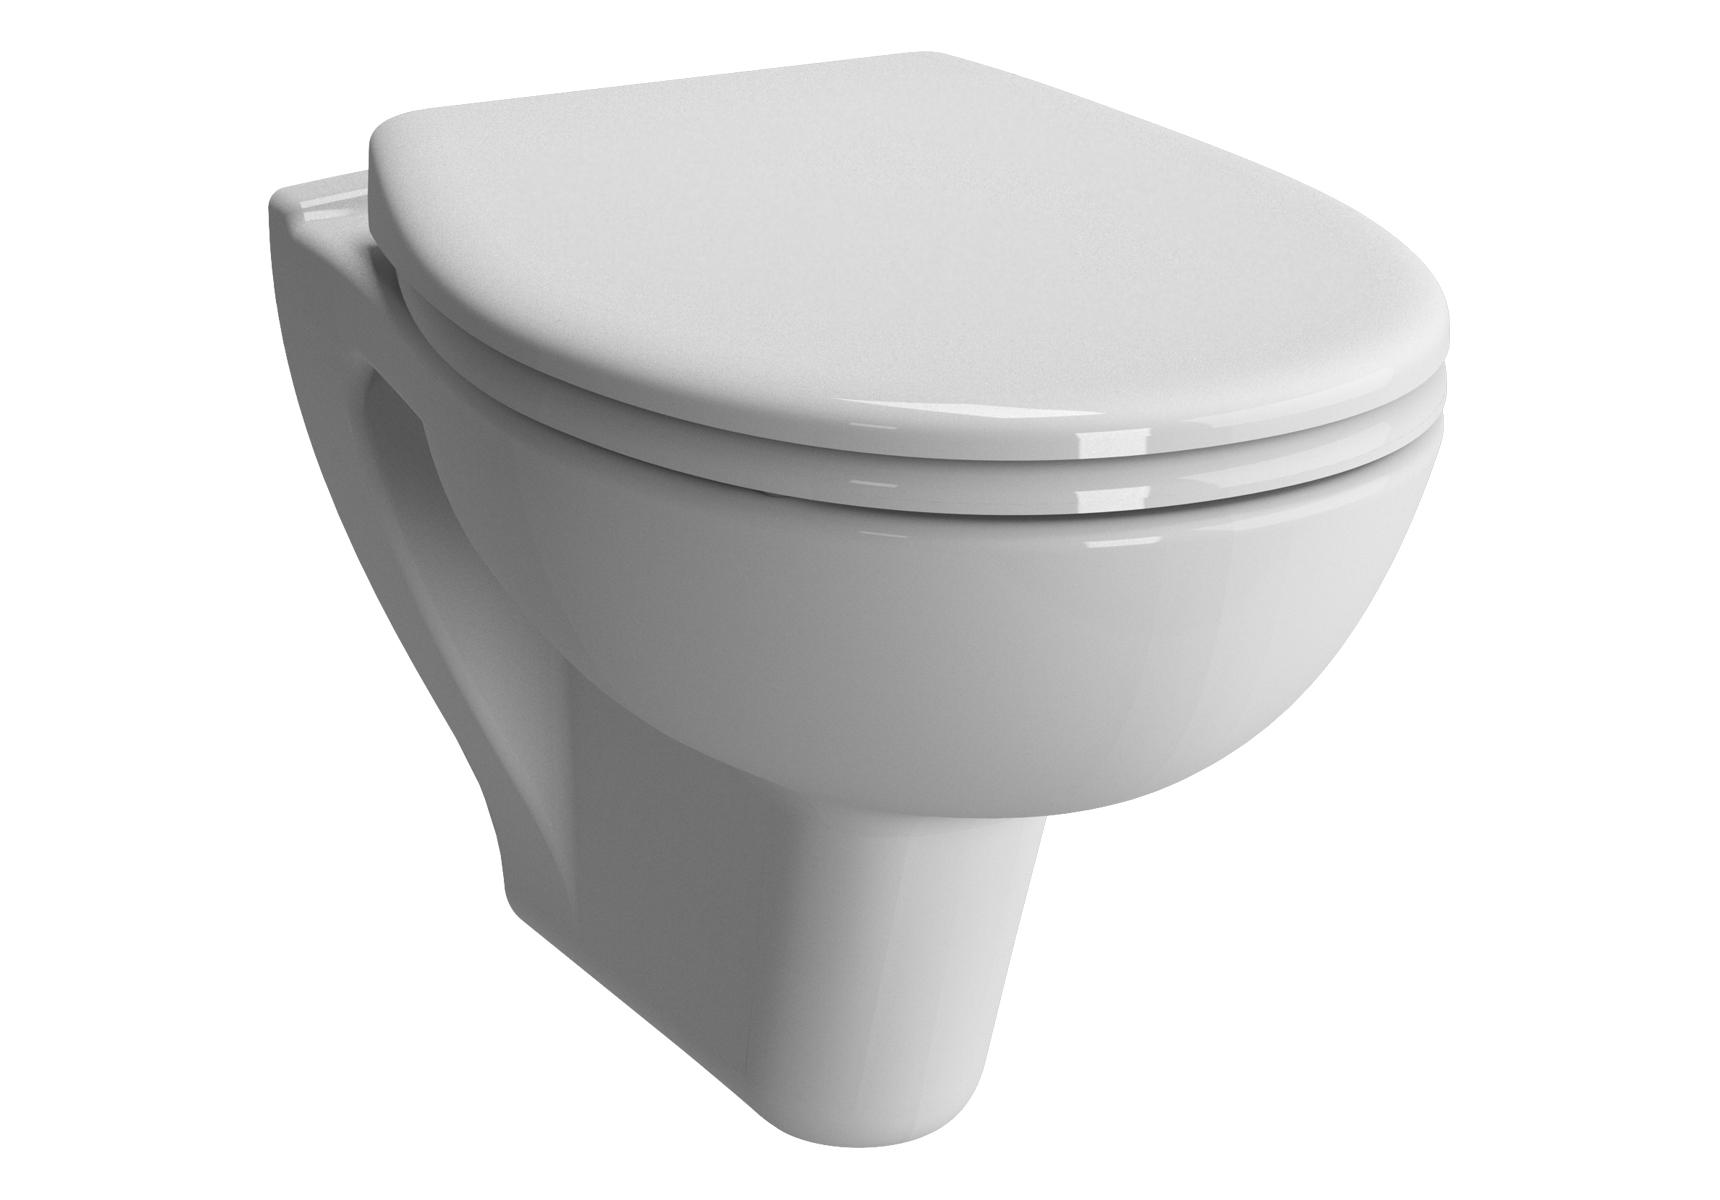 S20 Wand-WC VitrA Flush 2.0 Compact